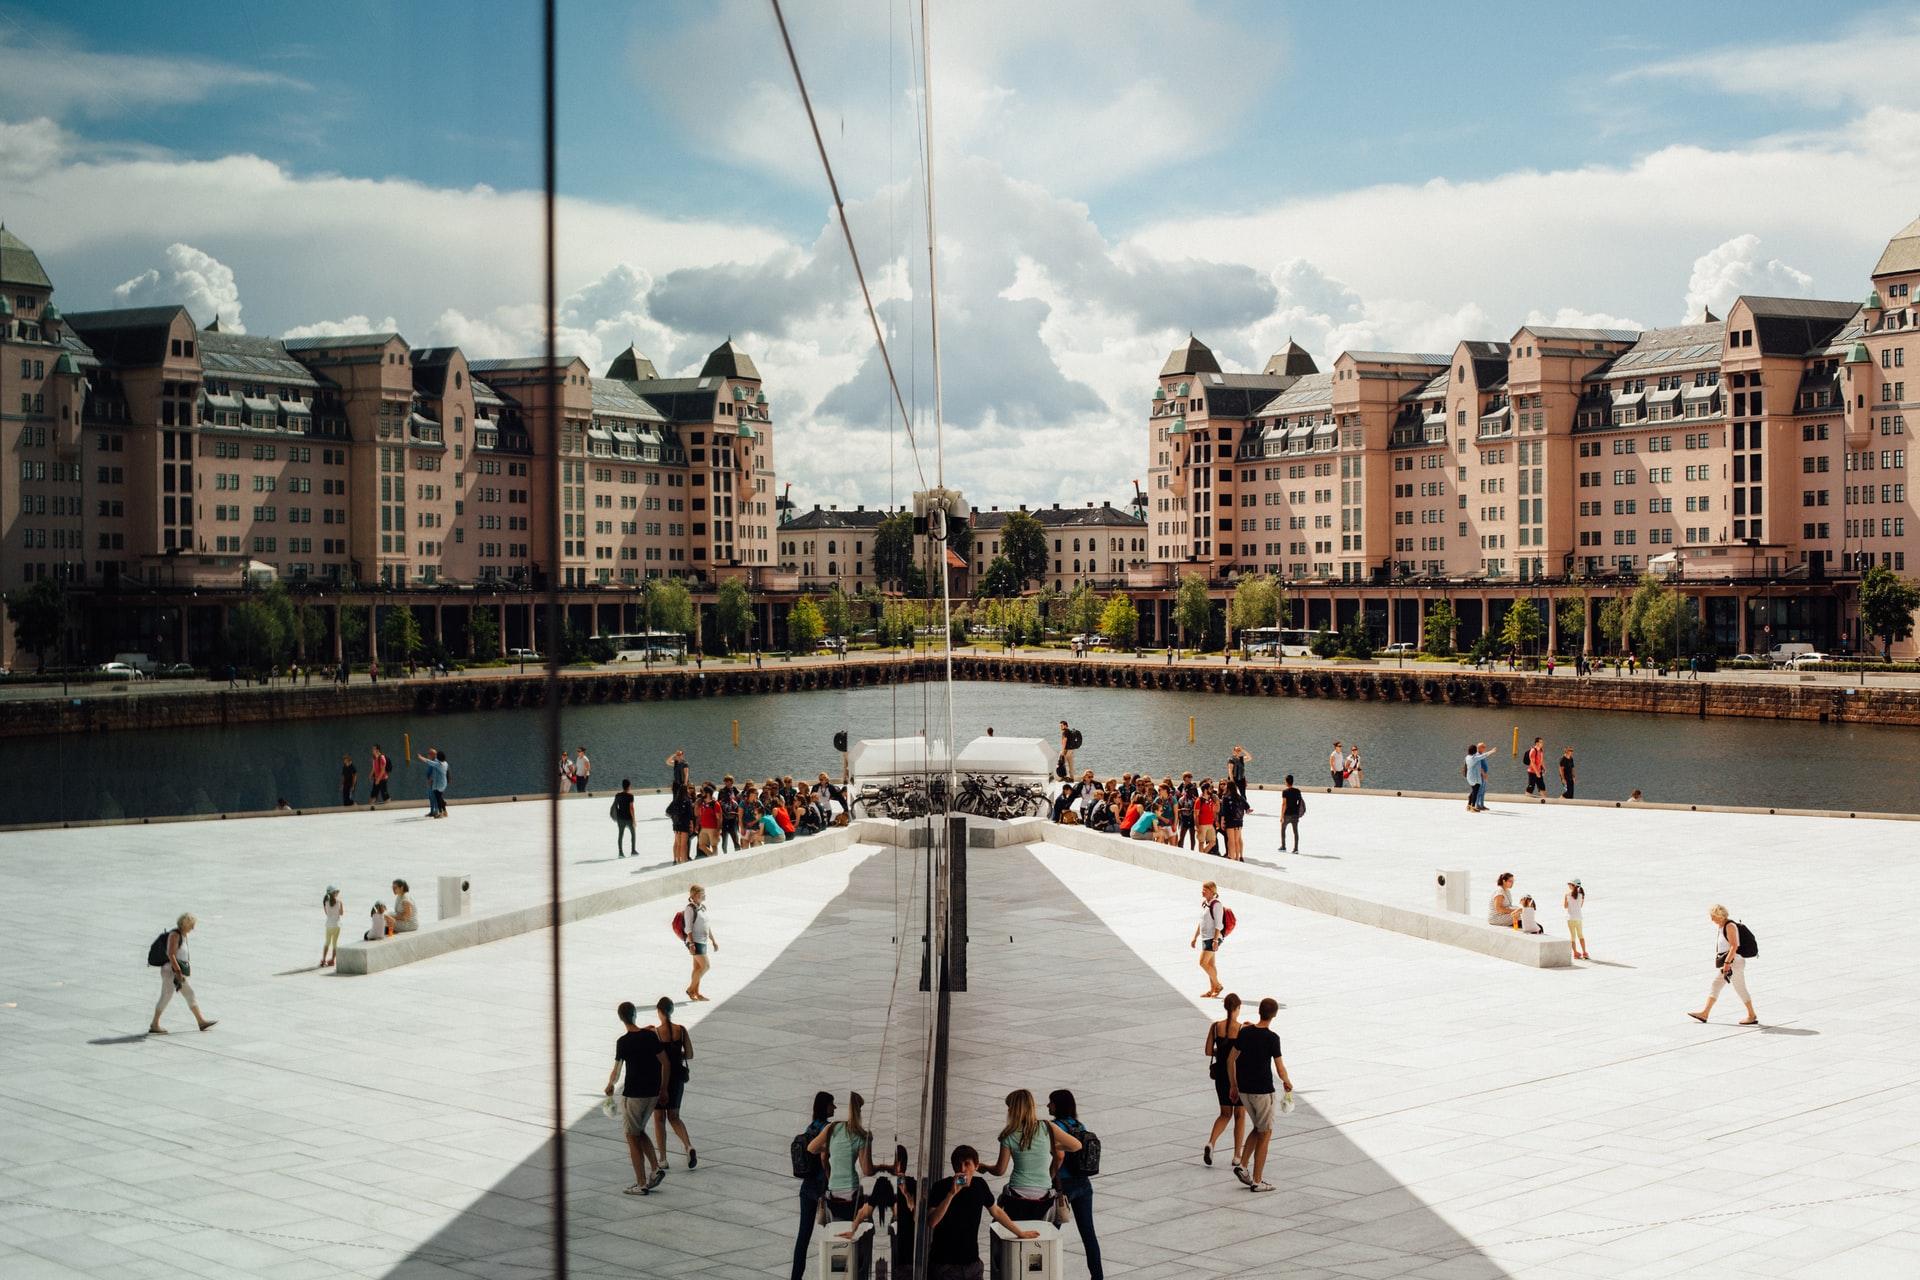 vue en symétrie d'une esplanade de lycée